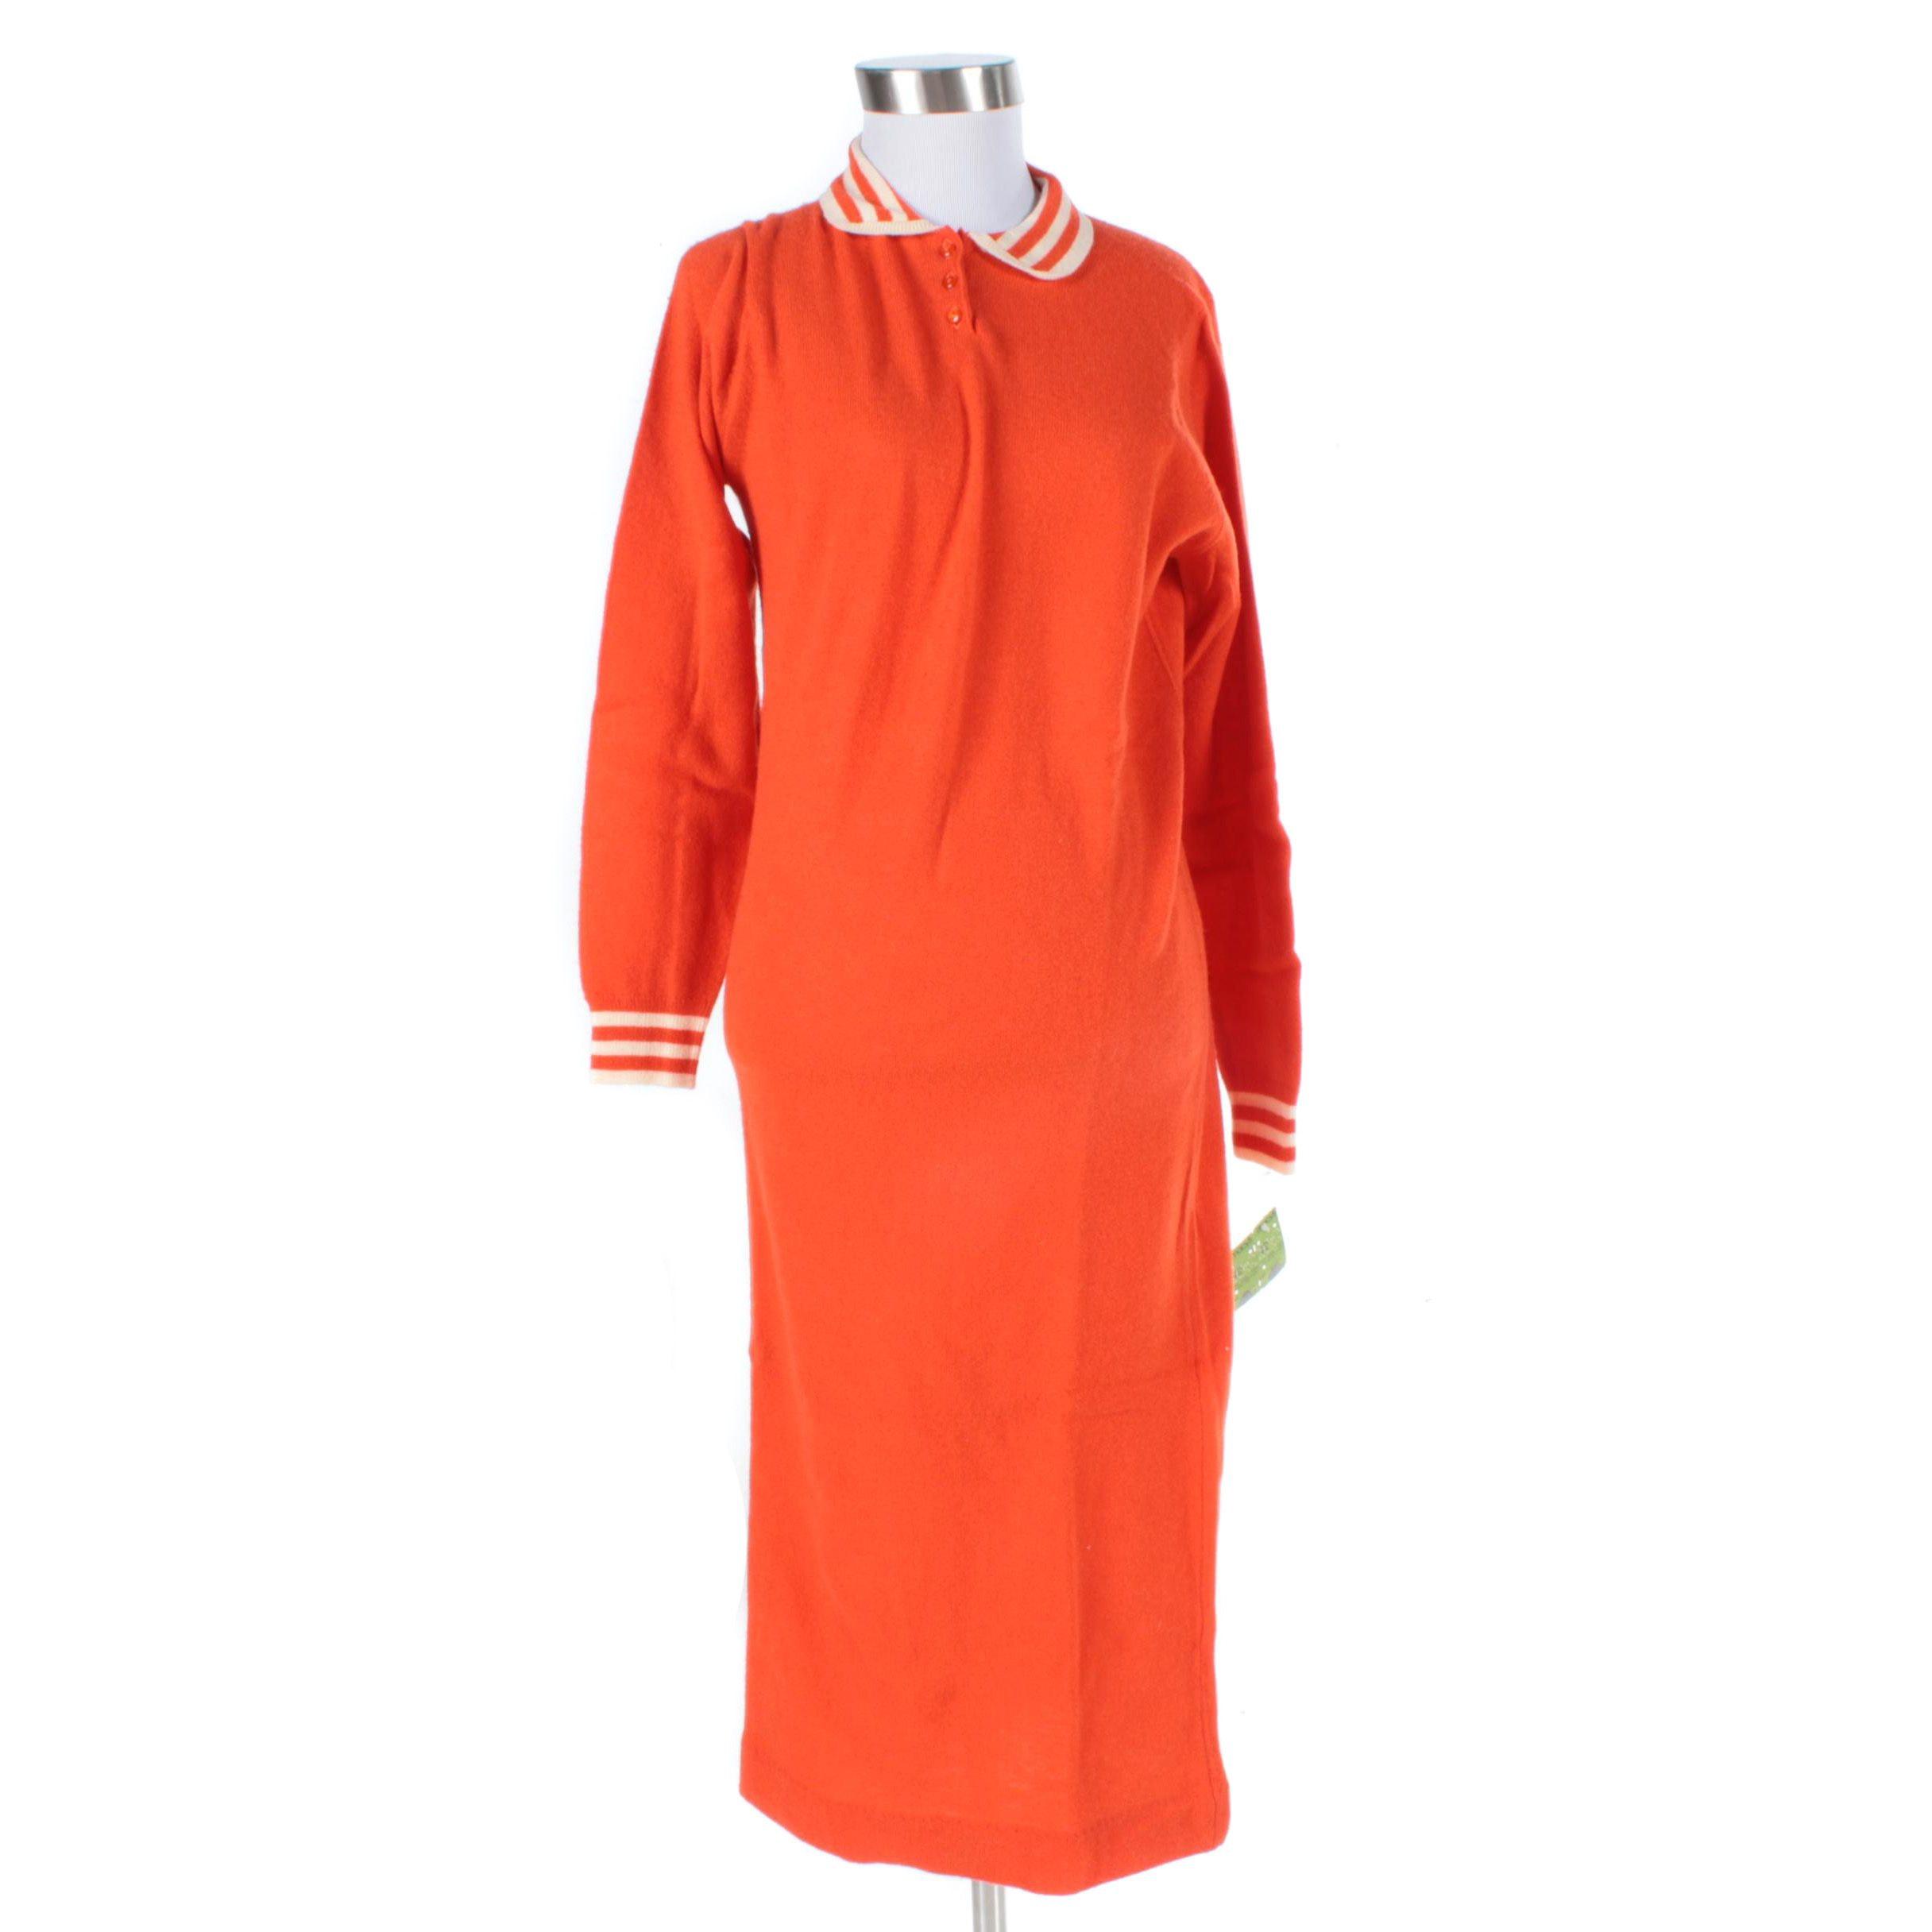 Vintage Ventilo Paris Lambswool Dress